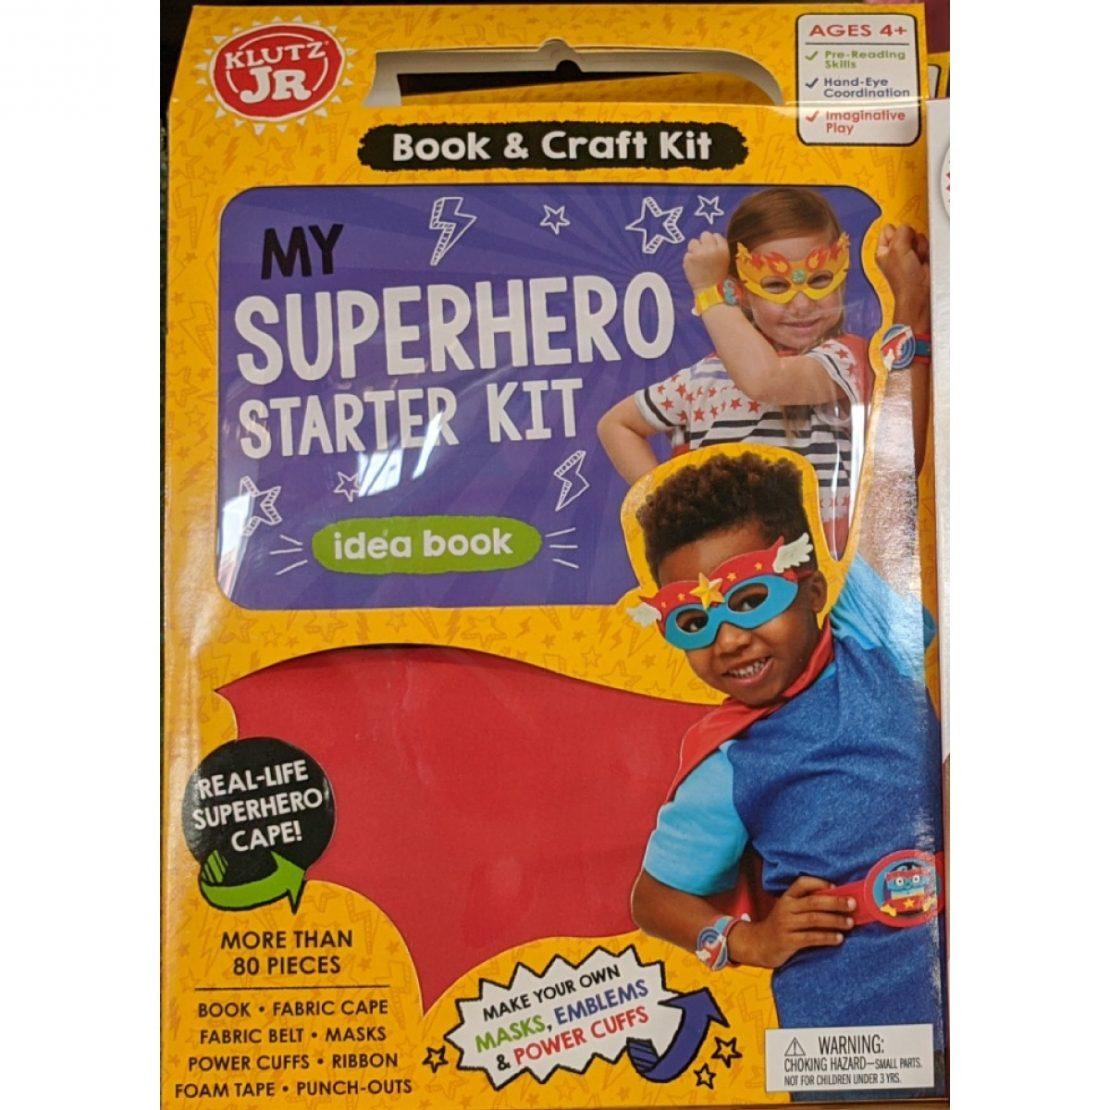 My Superhero Starter Kit from Klutz Jr